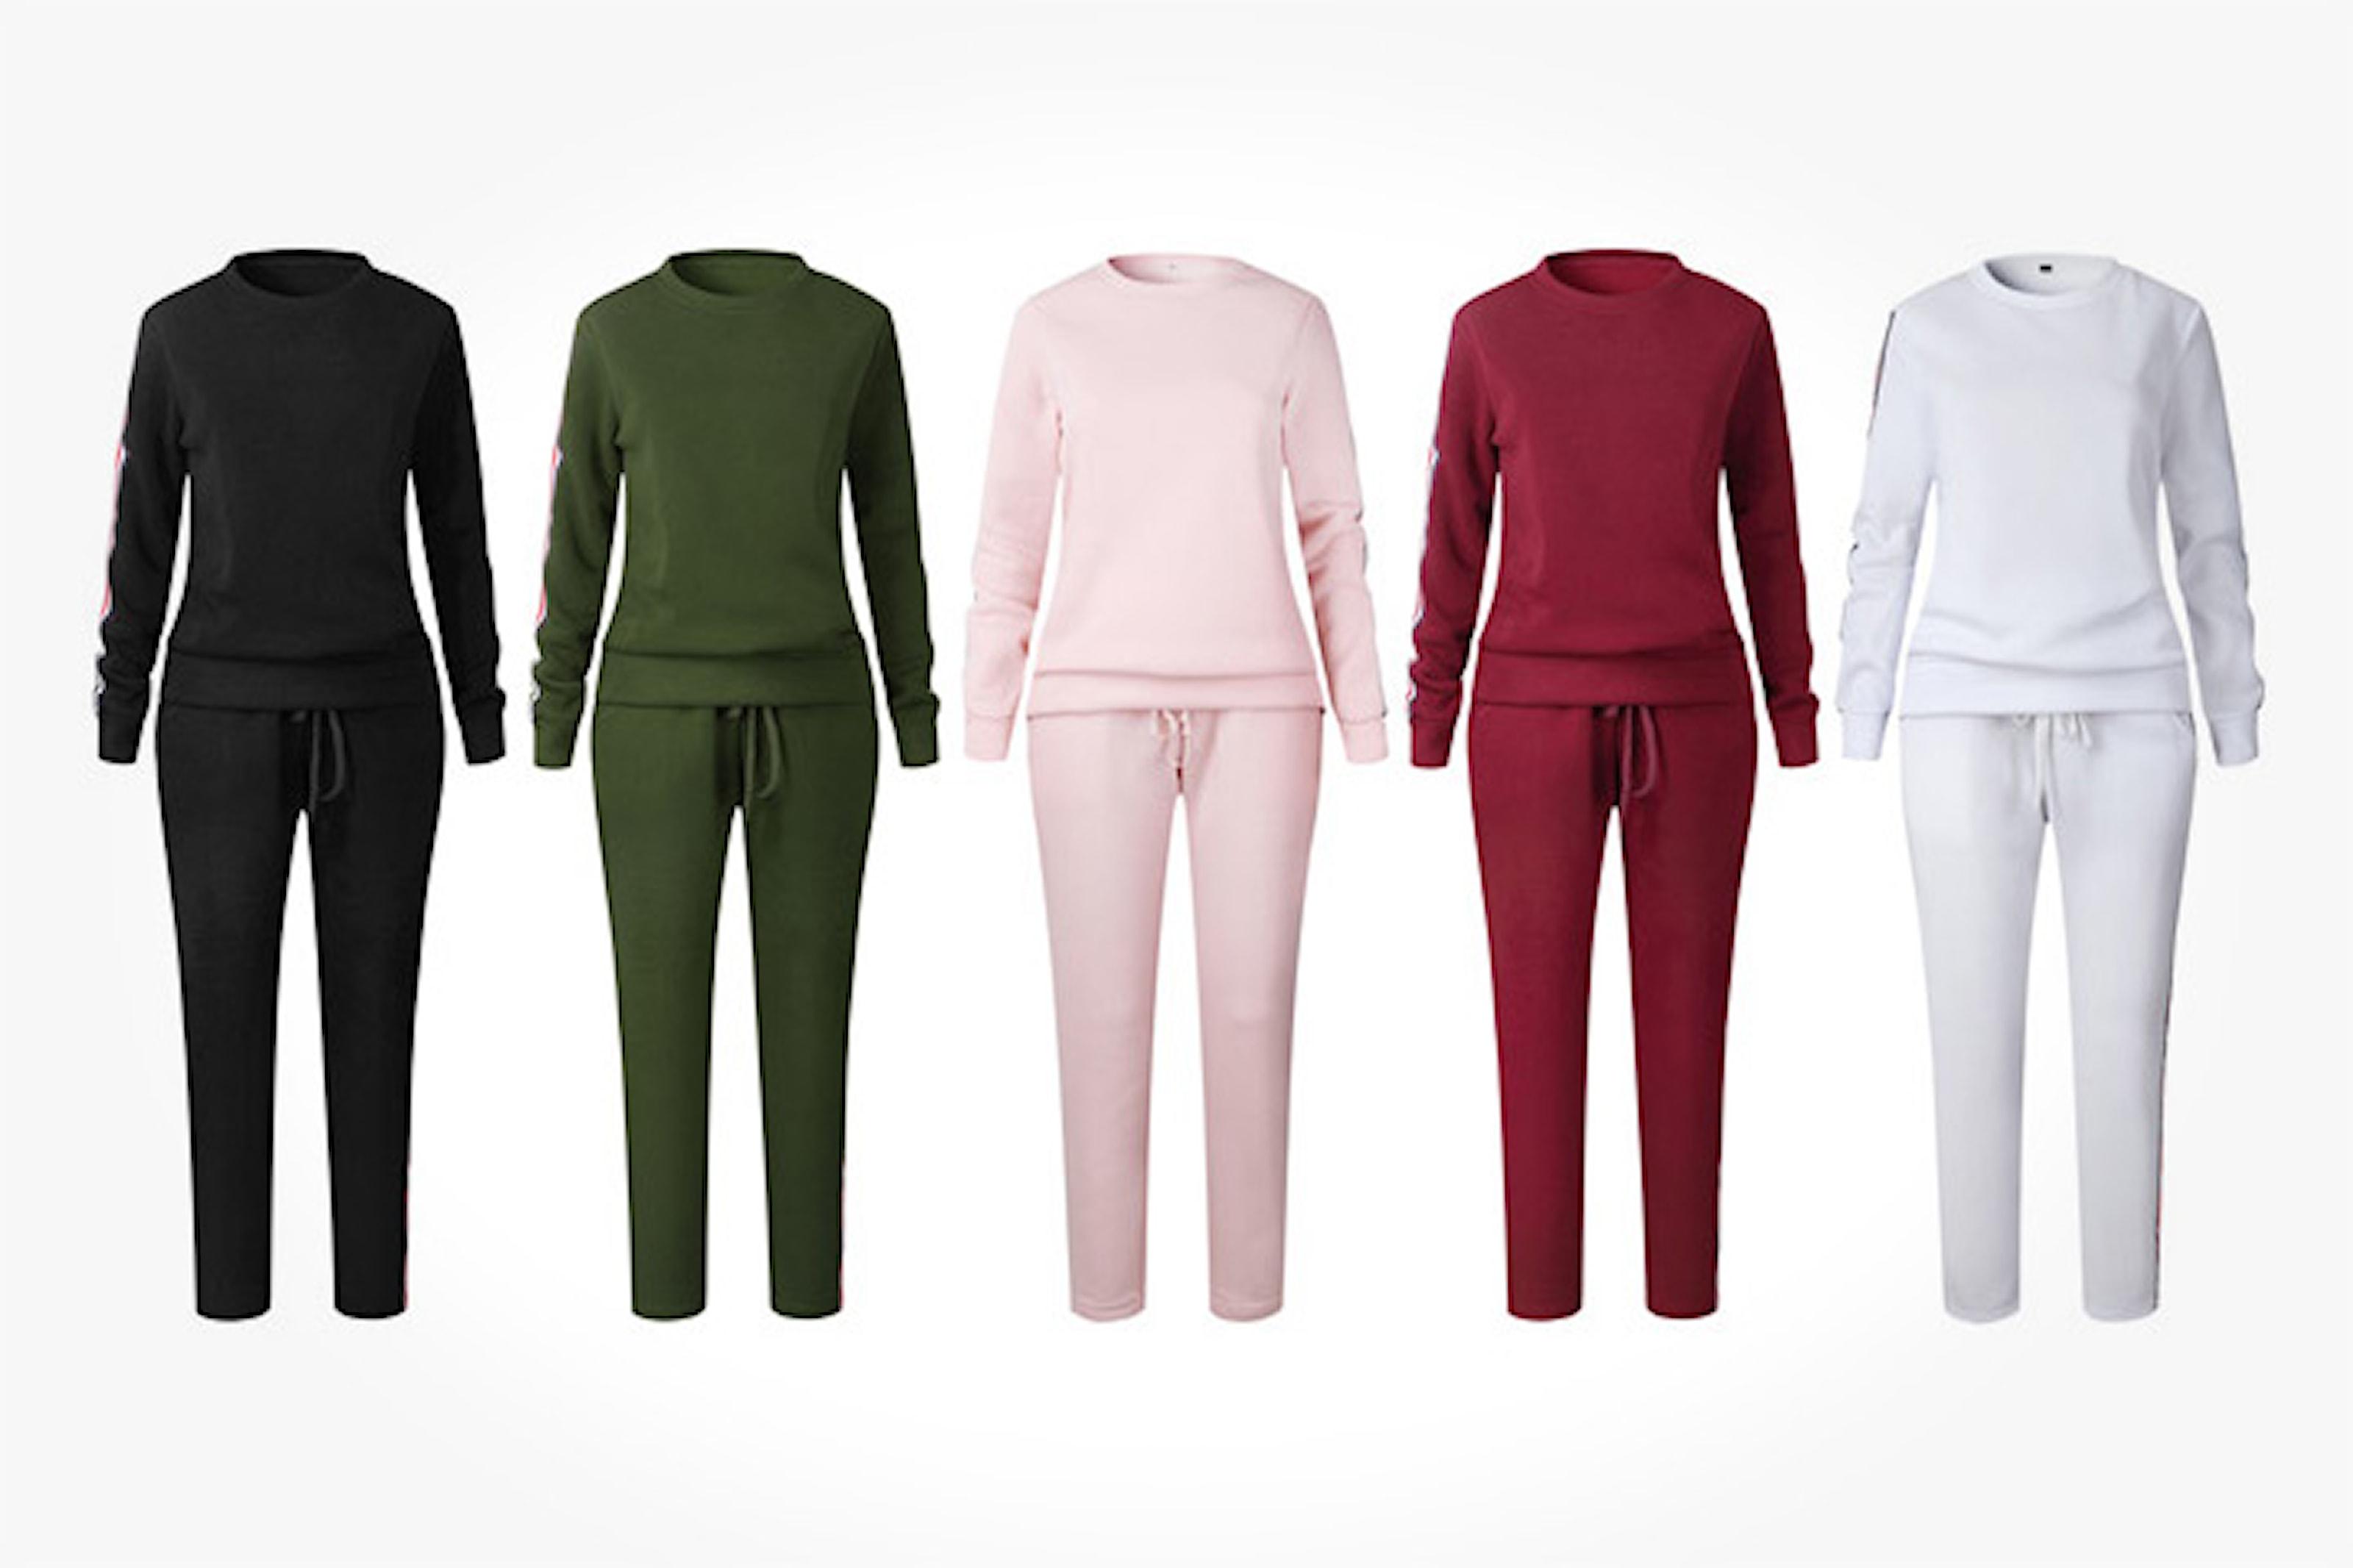 Matchende sett med genser og bukse